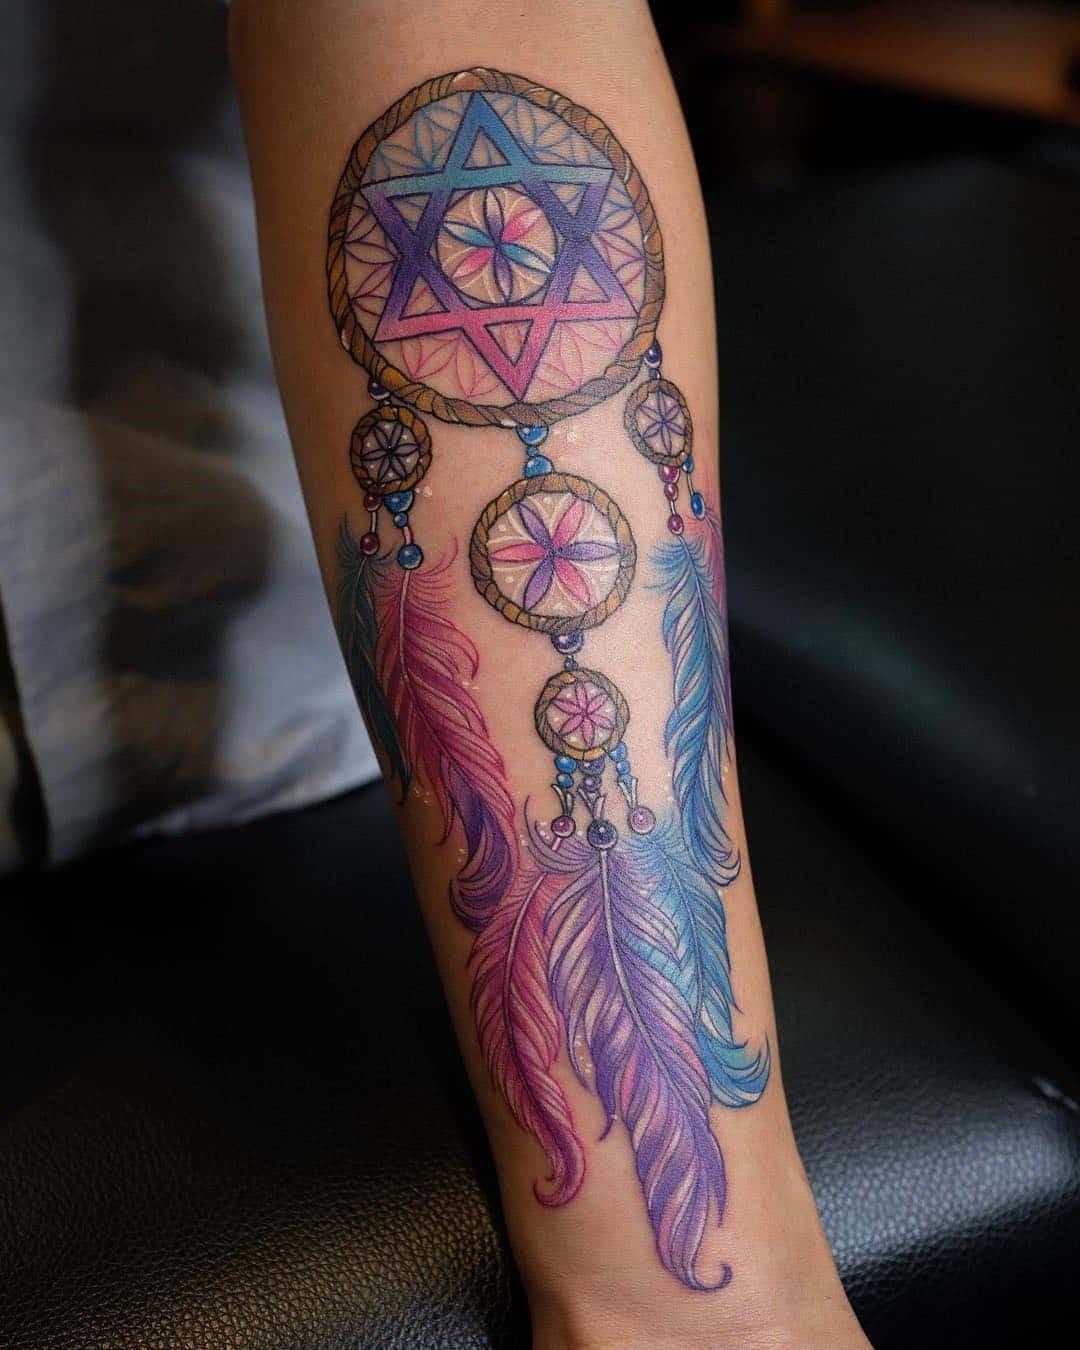 Voici un exemple de quelqu'un qui pose ses idées sur le capteur de rêves avec ses propres ornements, y compris le pentagramme.